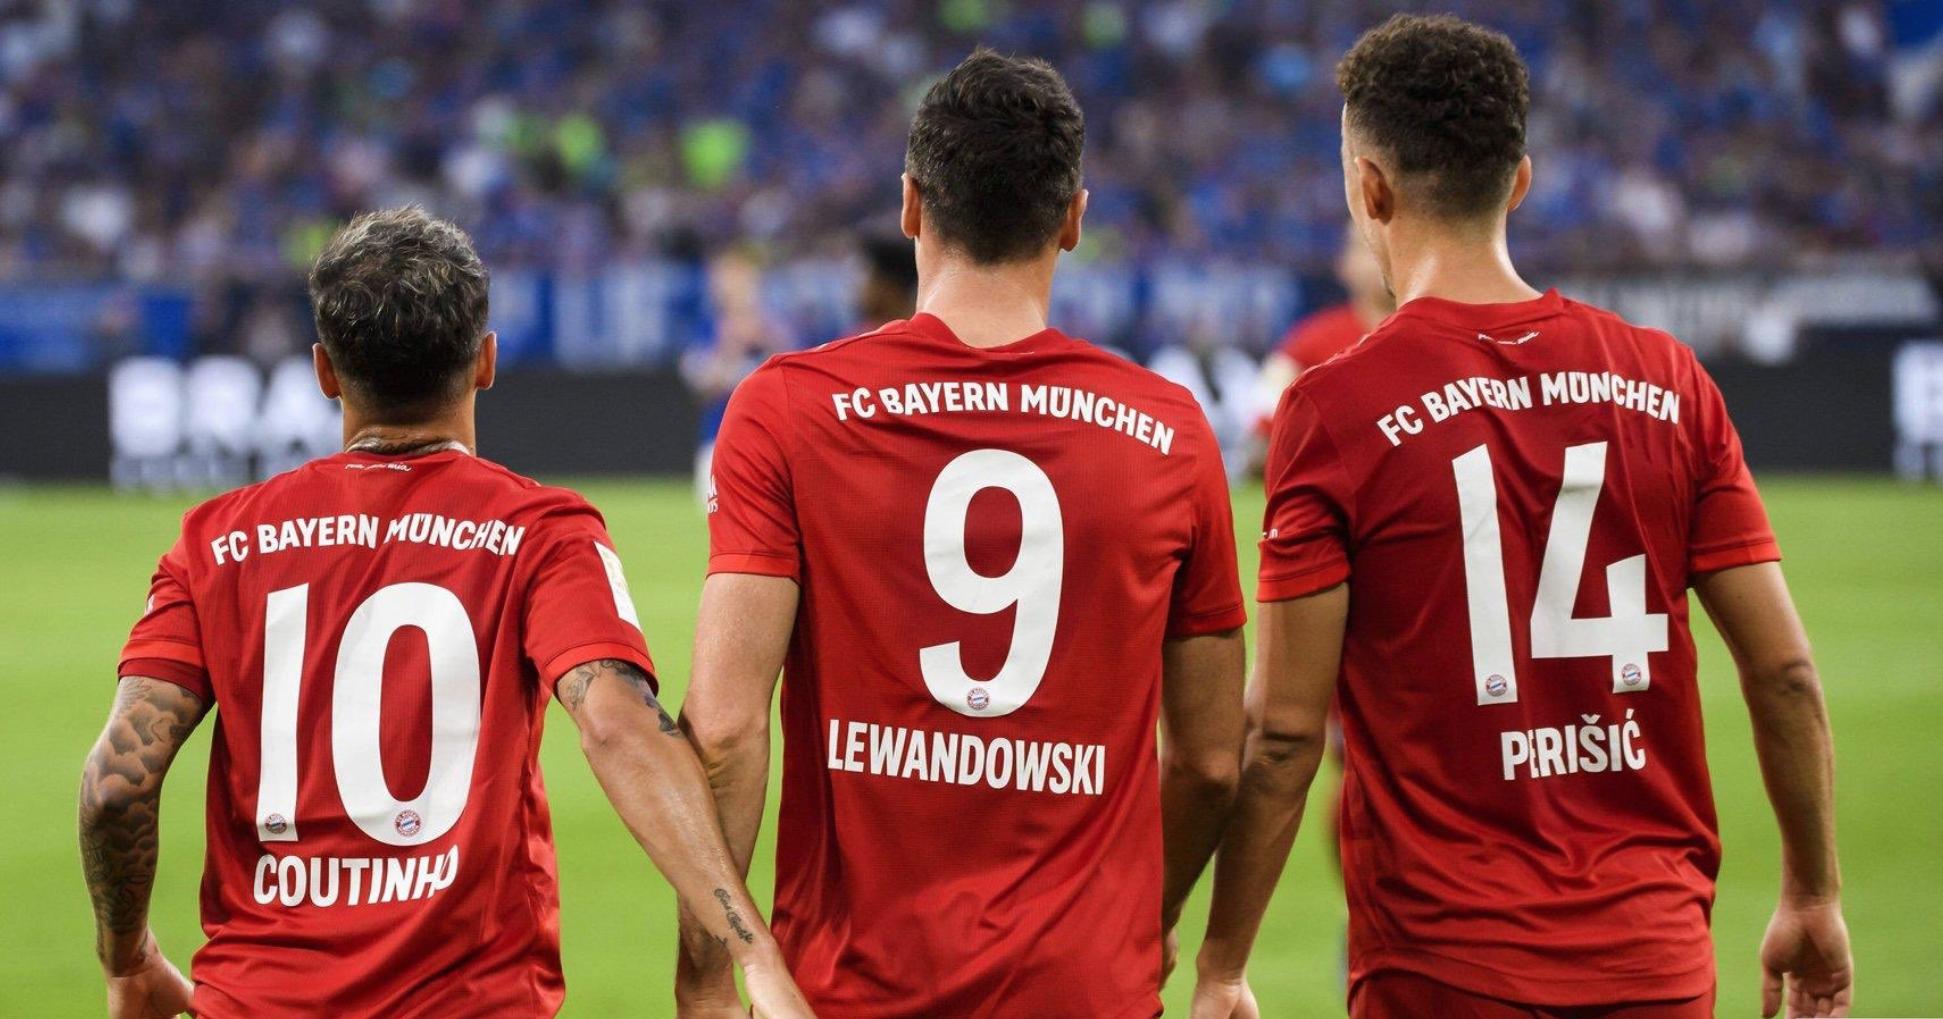 """""""Tyle to on ostatnio nawet na treningach nie strzelał"""" – Lewandowski znów zadziwia świat, a nawet kolegów"""